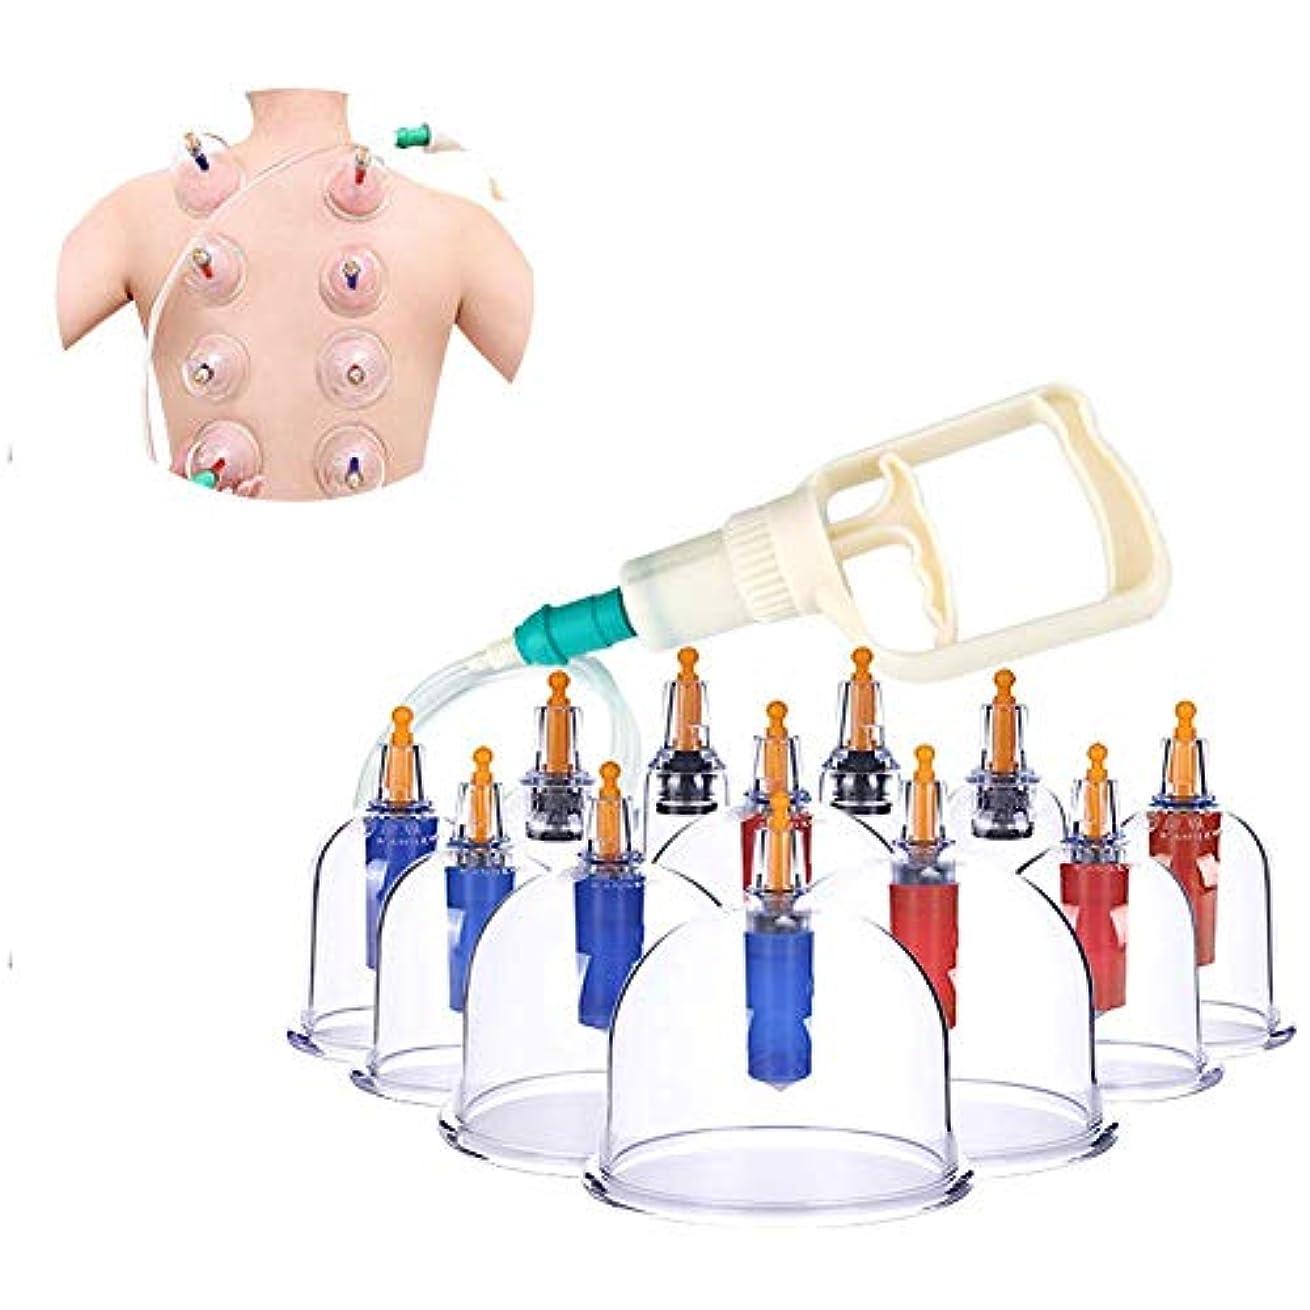 ドアミラーサージレキシコンカッピングセラピーセット、真空ポンプとバルブを備えた12個のカッピンググラス、背中の痛みのための自然療法自己治療マッサージ、セルライト、顔、Slim身、腹部